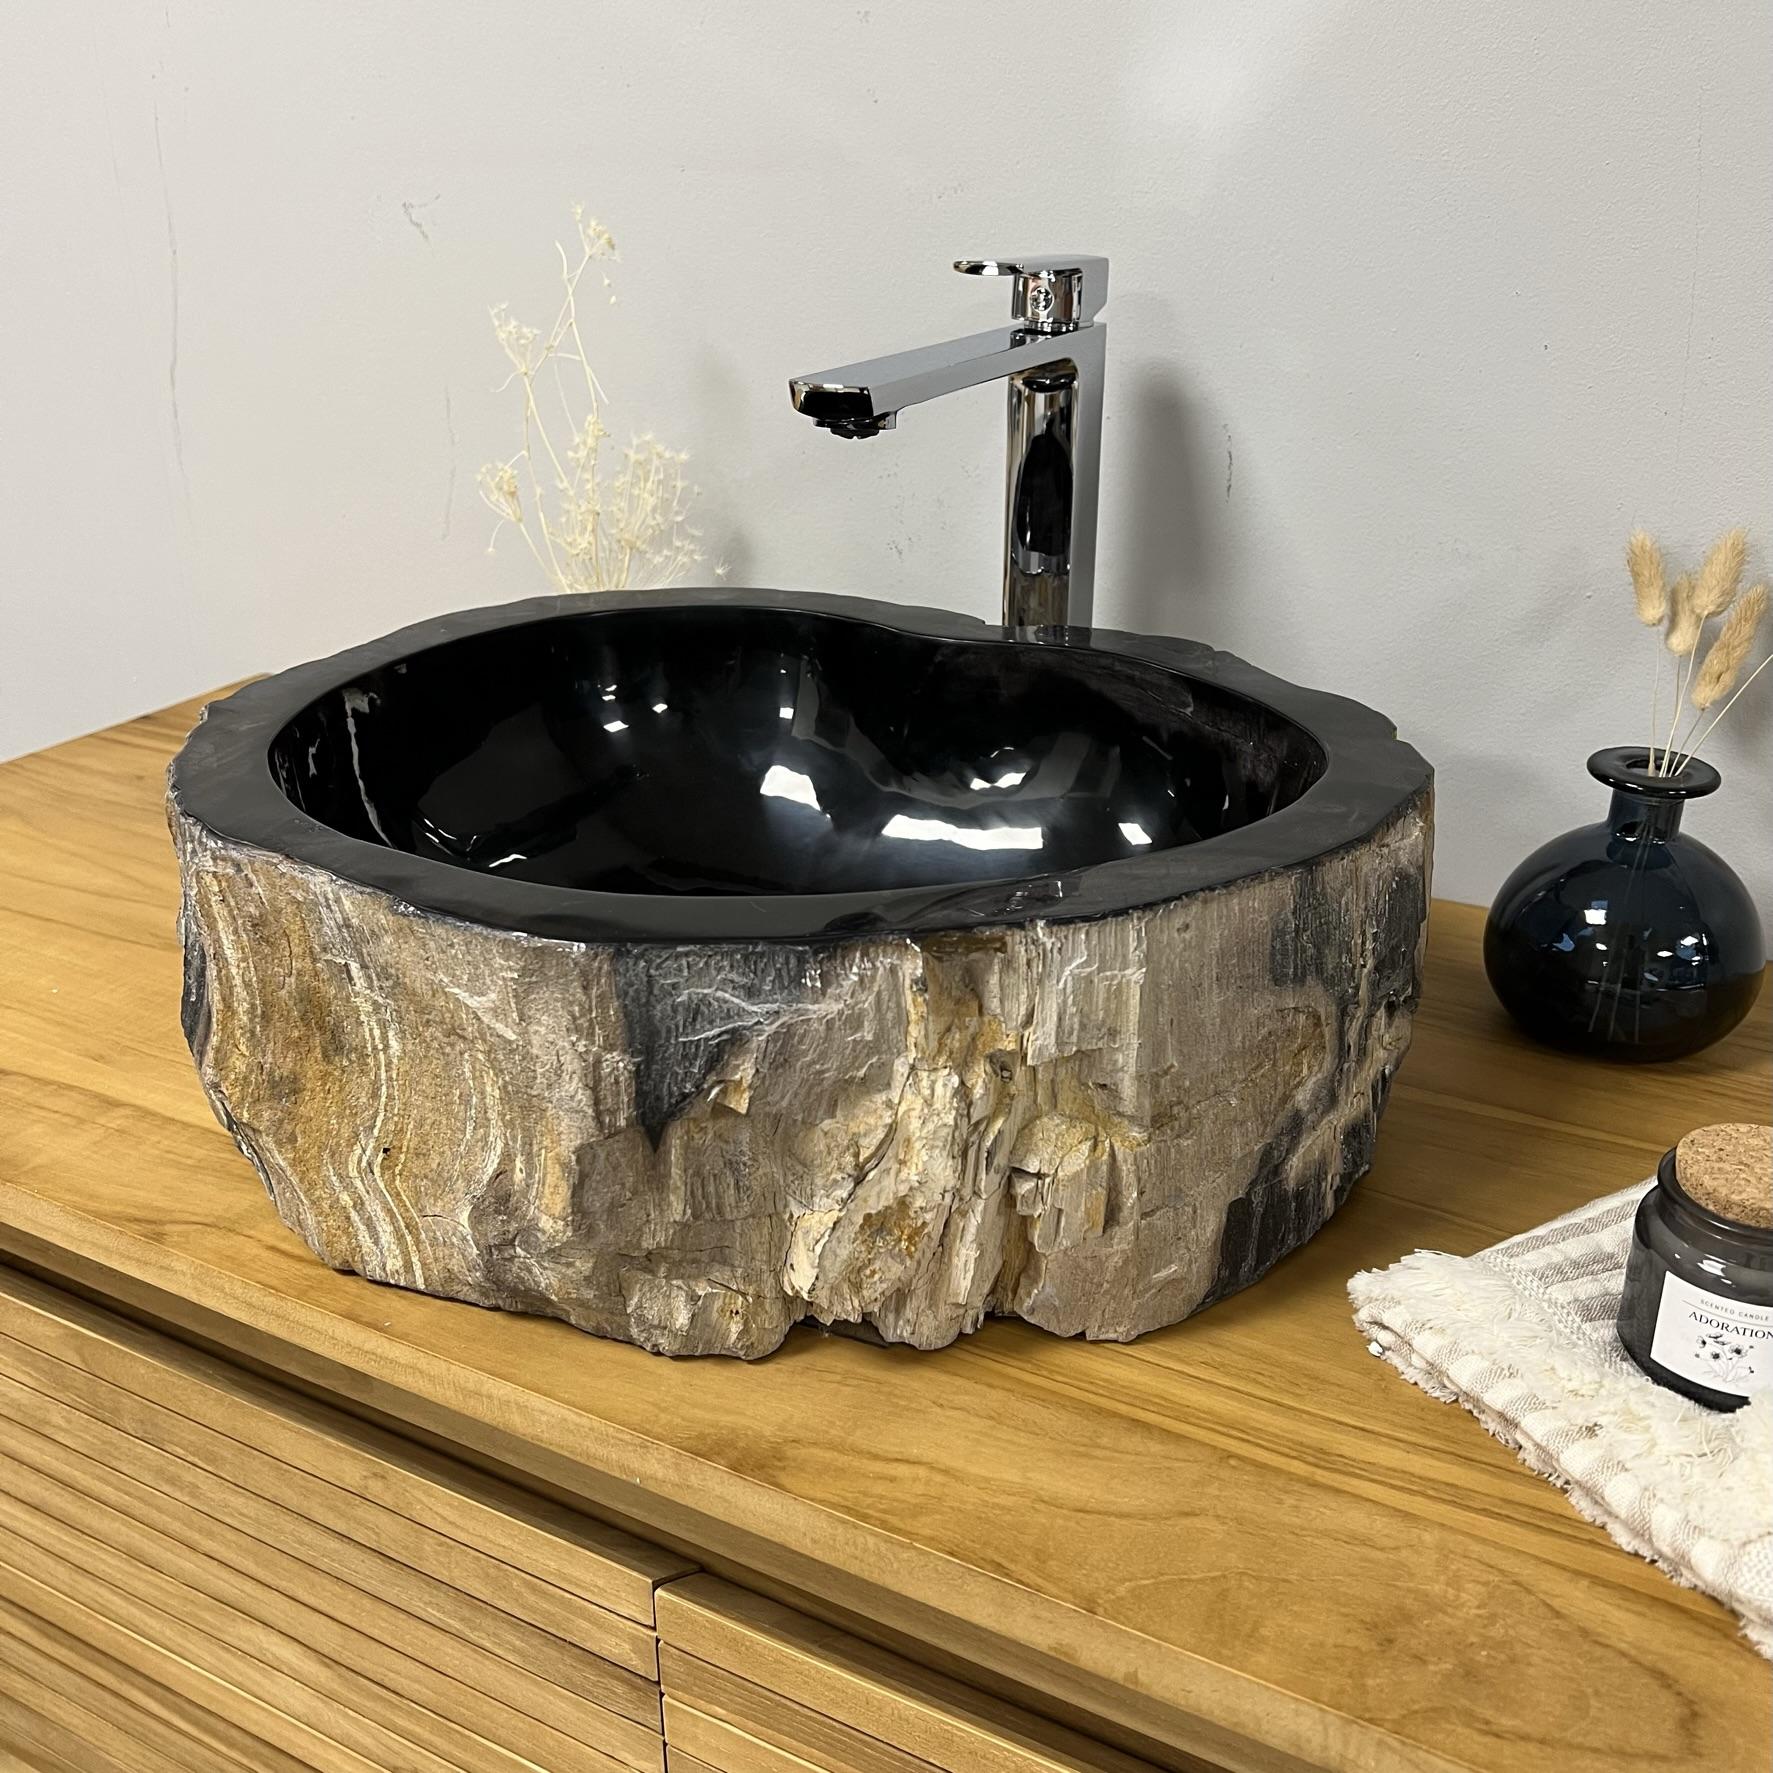 Double vasques de salle de bain en bois pétrifié fossilisé : l : 41 cm